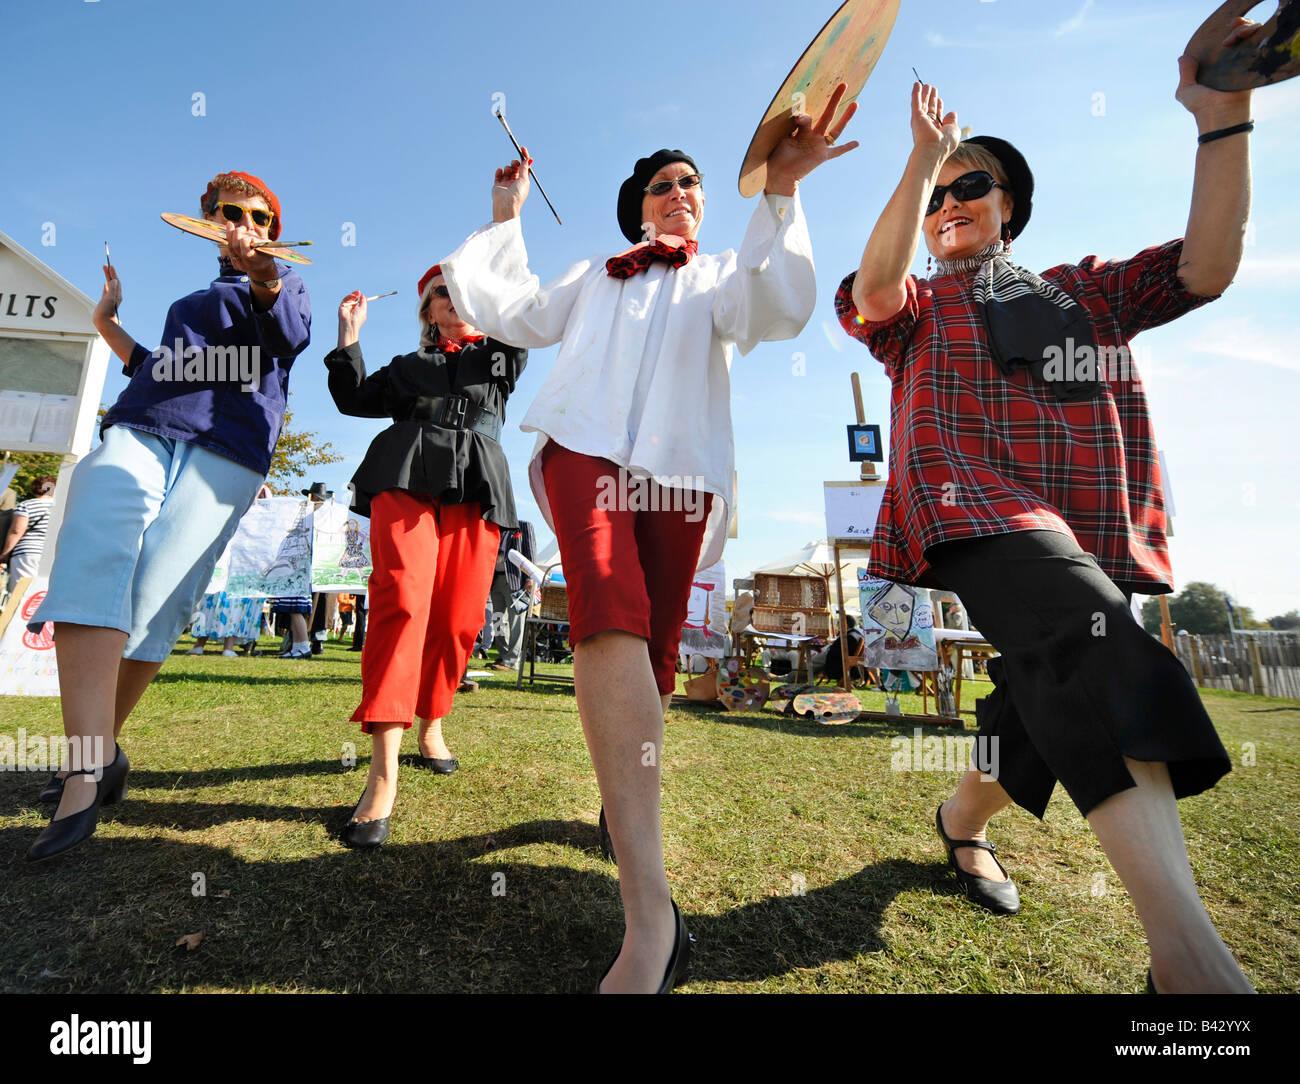 Goodwood Revival 2008 Künstler tanzen und winken ihren Paletten. Bild von Jim Holden. Stockbild